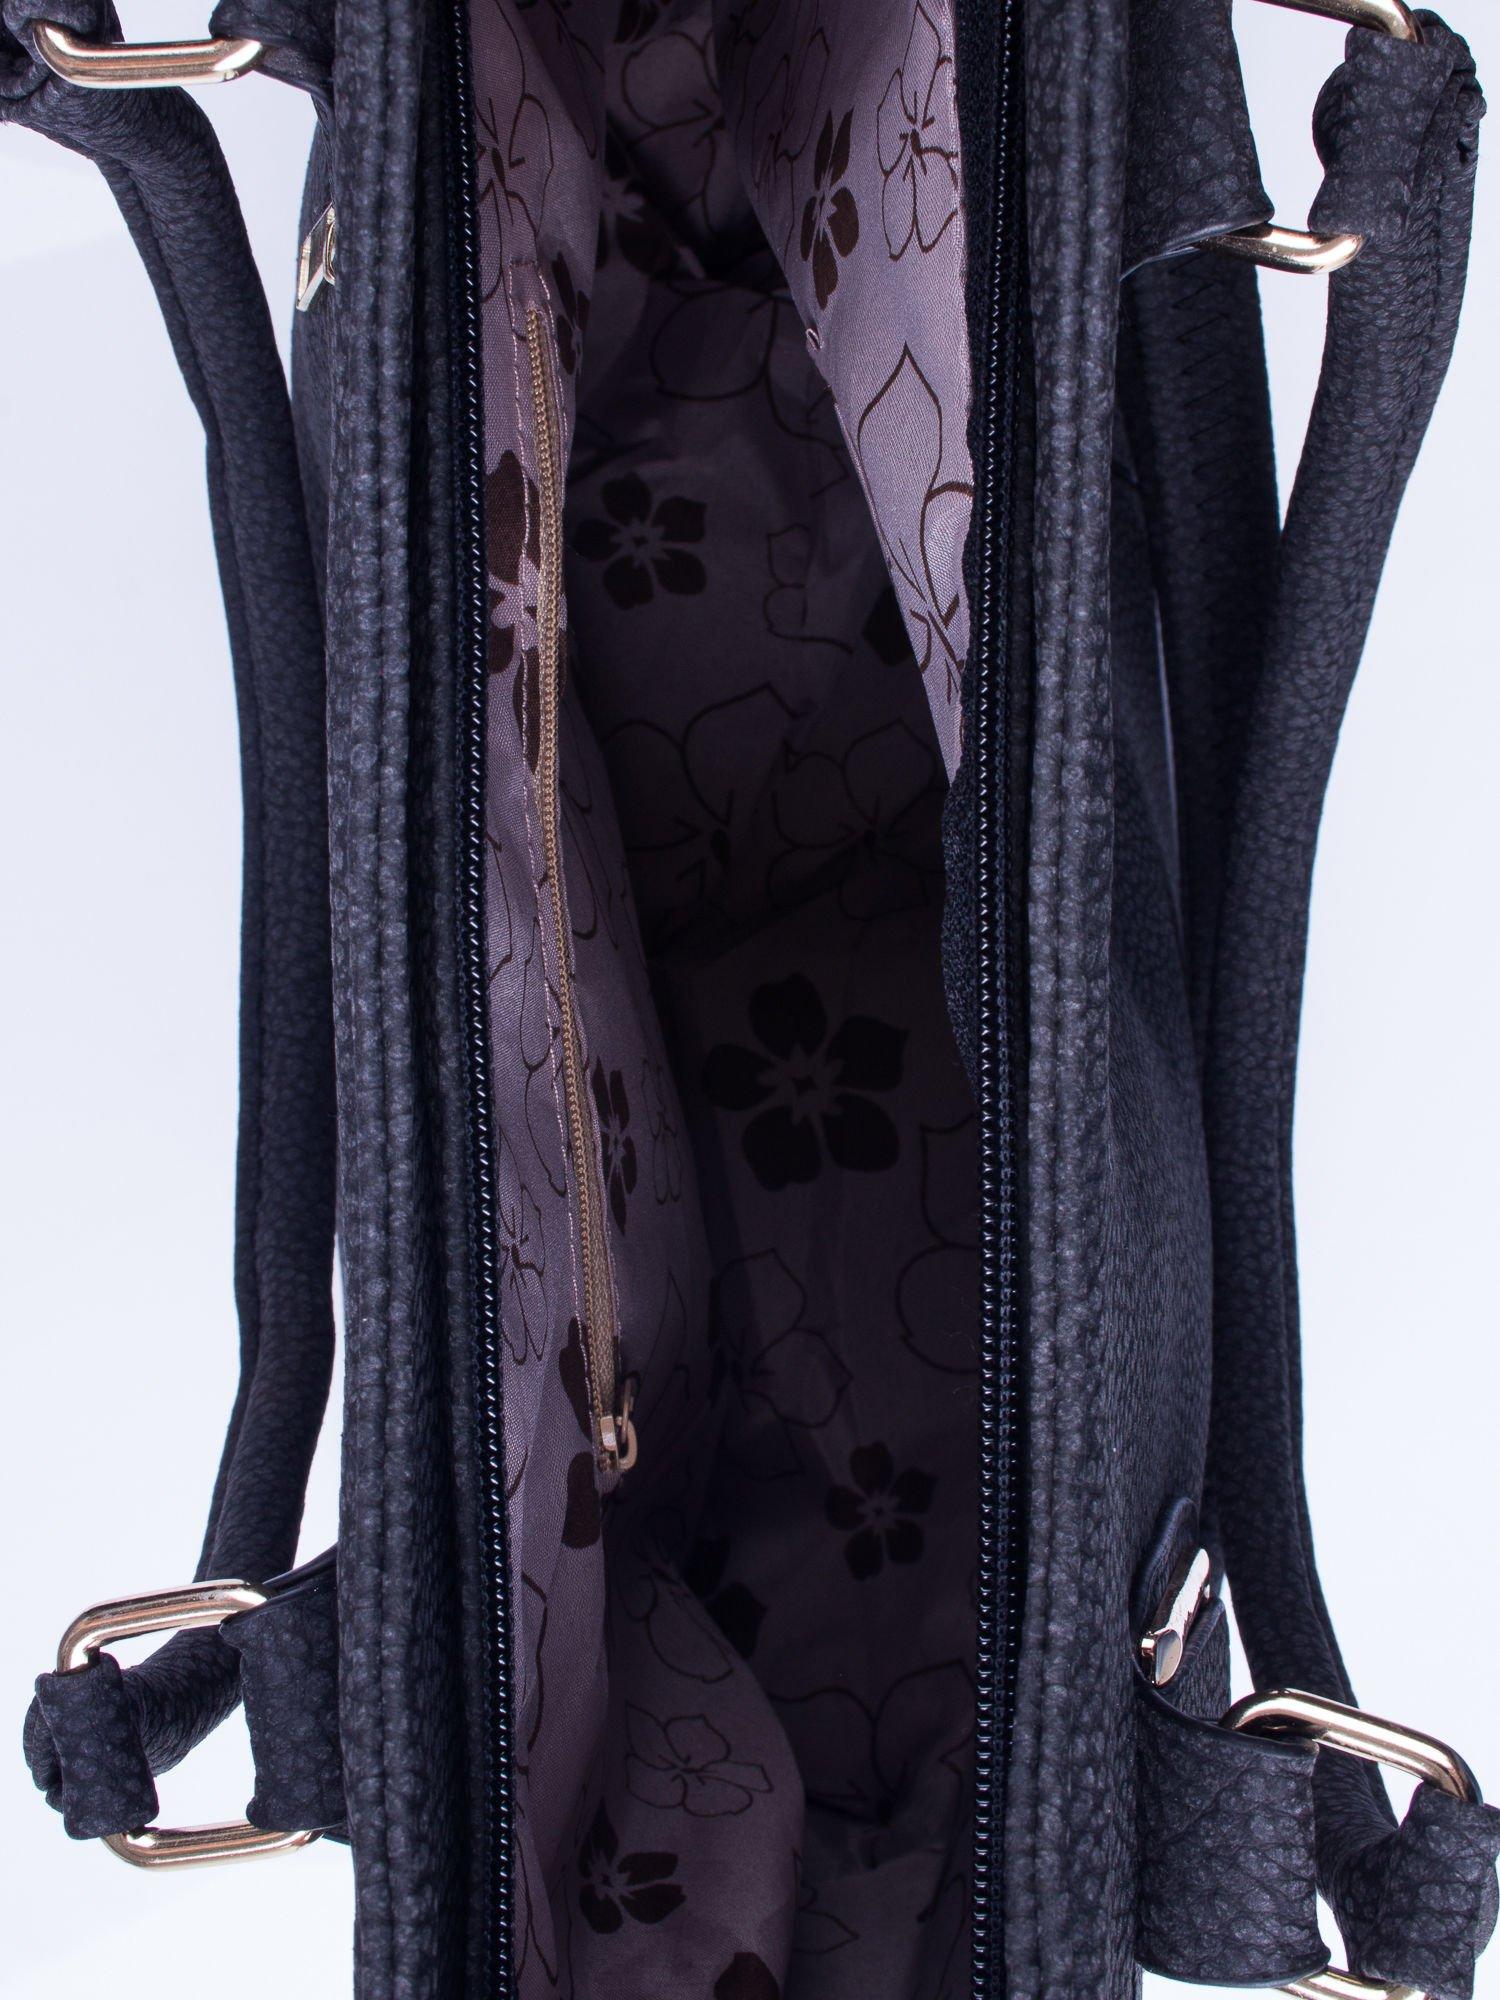 Czarna torba shopper bag ze złotymi okuciami przy rączkach                                  zdj.                                  4